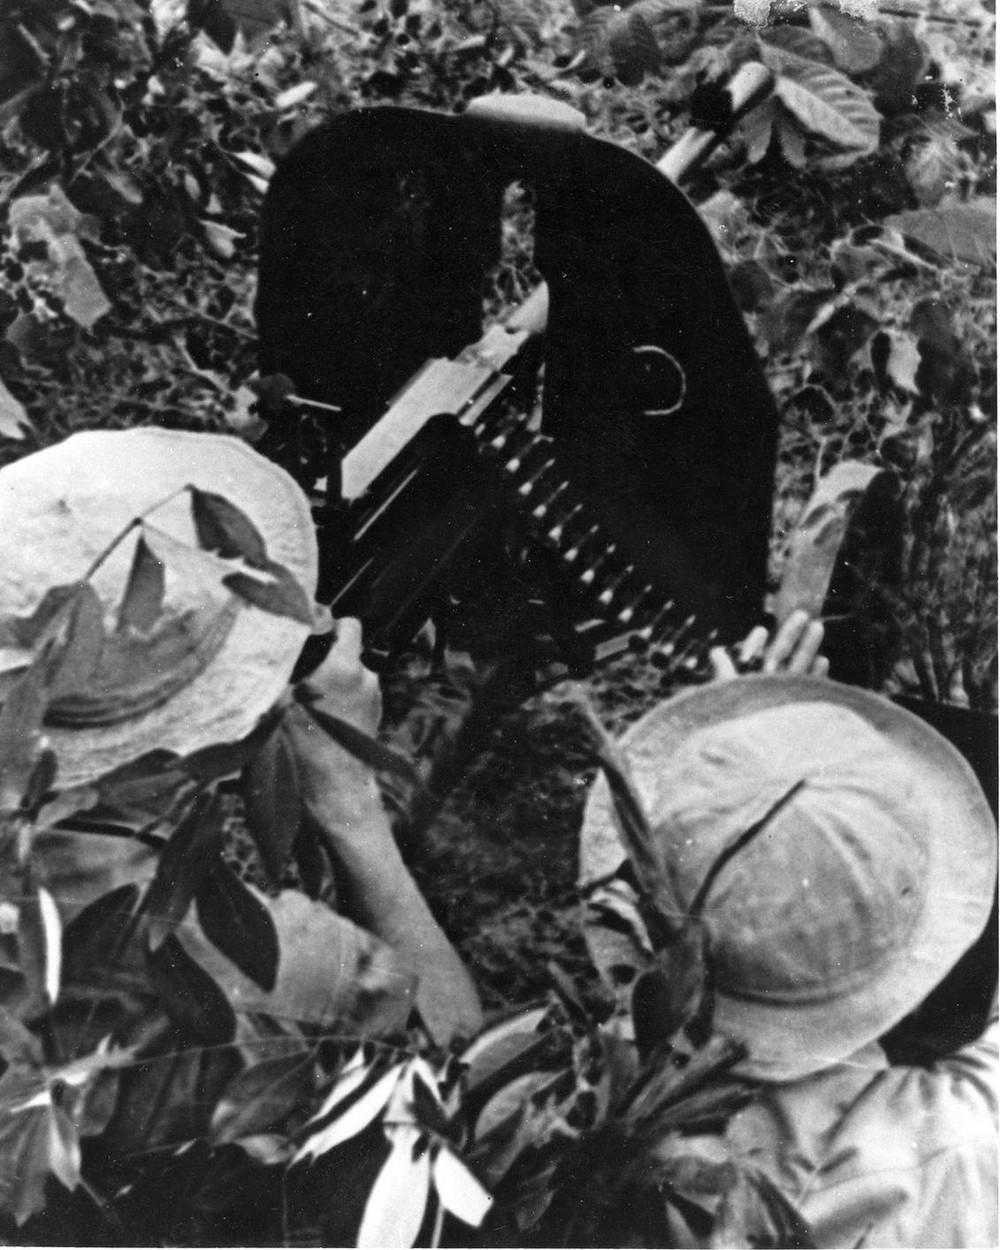 Bộ ảnh đặc biệt năm Mậu Thân 1968 của quân đội Mỹ - Ảnh 22.